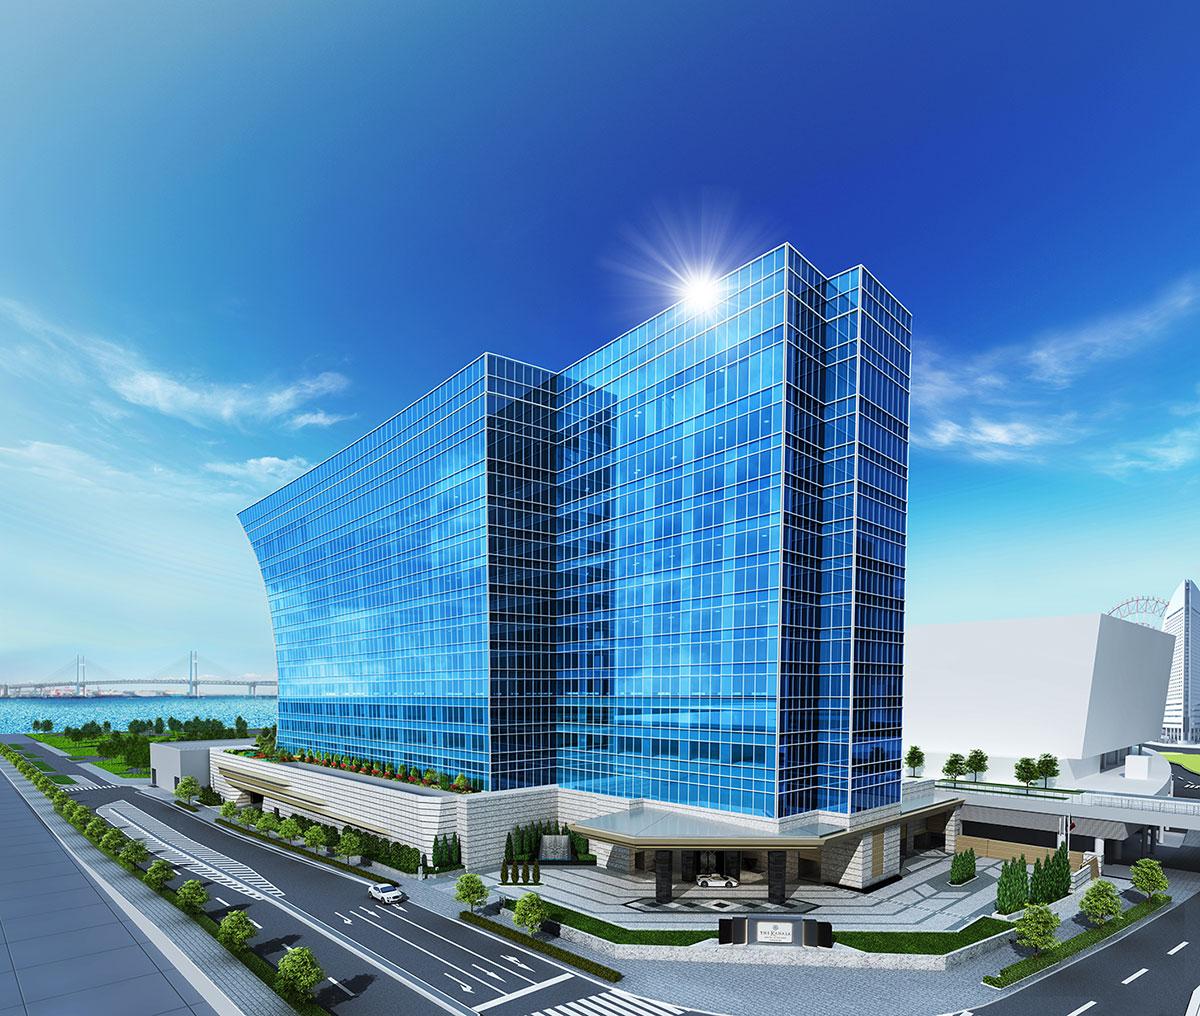 ザ・カハラ・ホテル&リゾート 横浜、みなとみらいに開業!内観イメージも公表